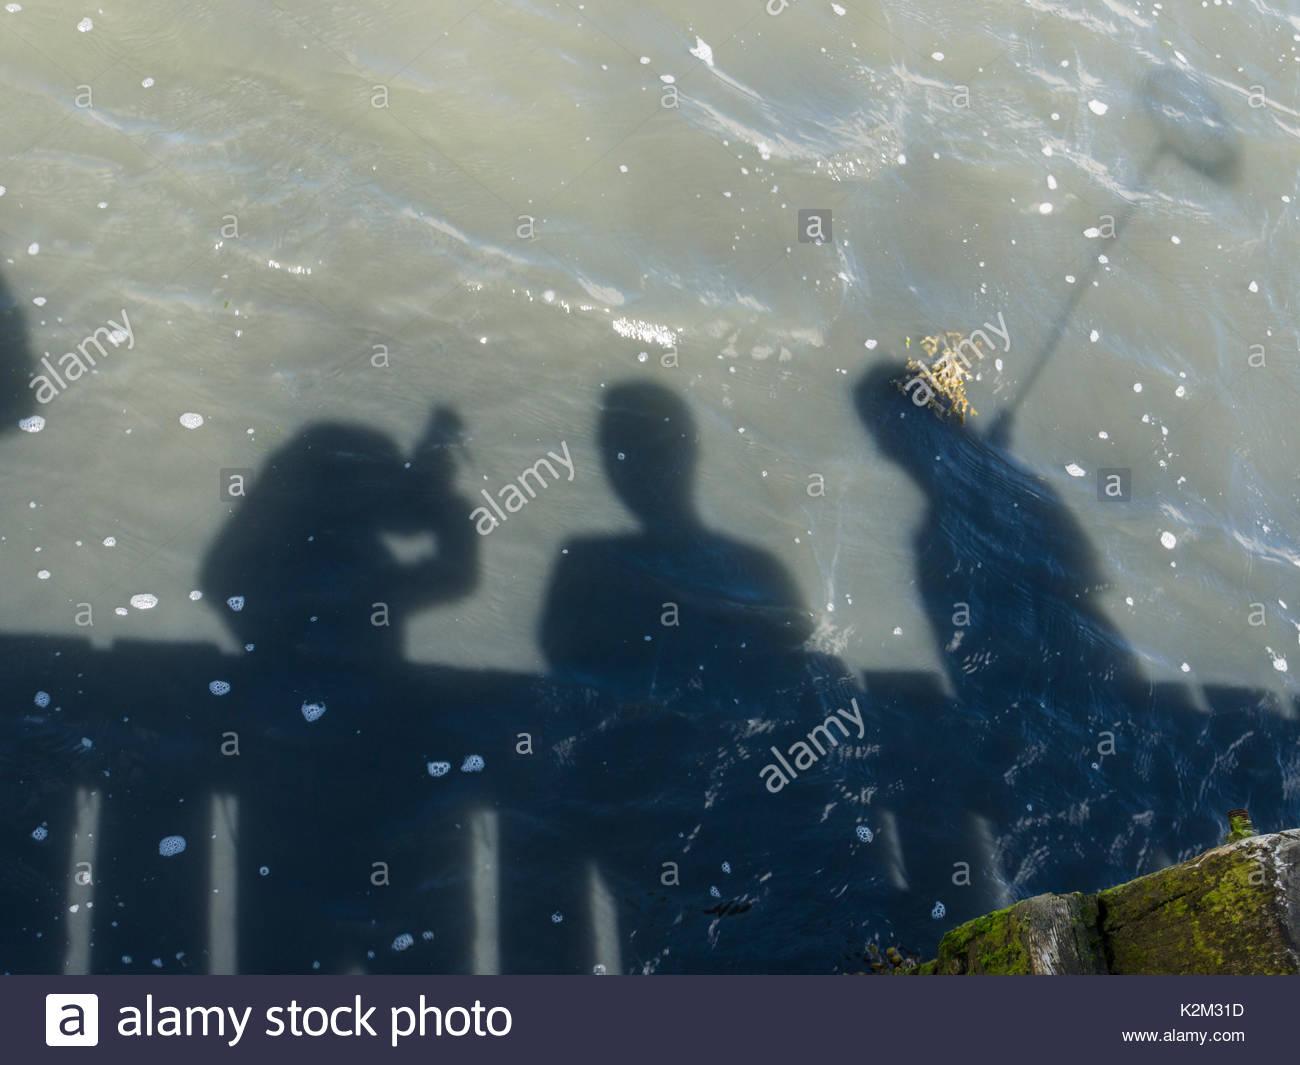 Schatten auf dem Wasser die Fischerei auf Krebse Stockbild